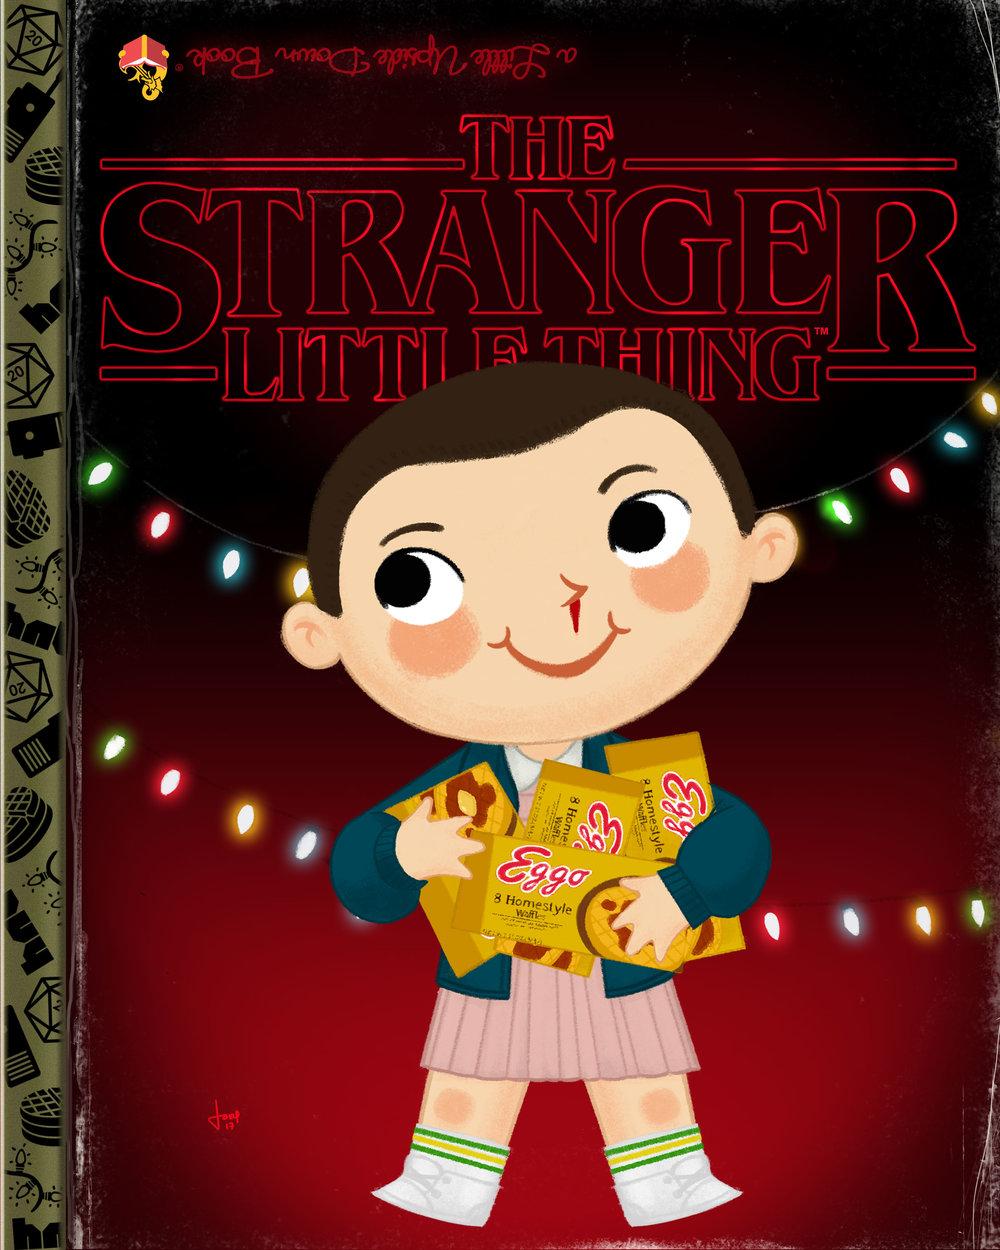 StrangerThings - 50.jpg